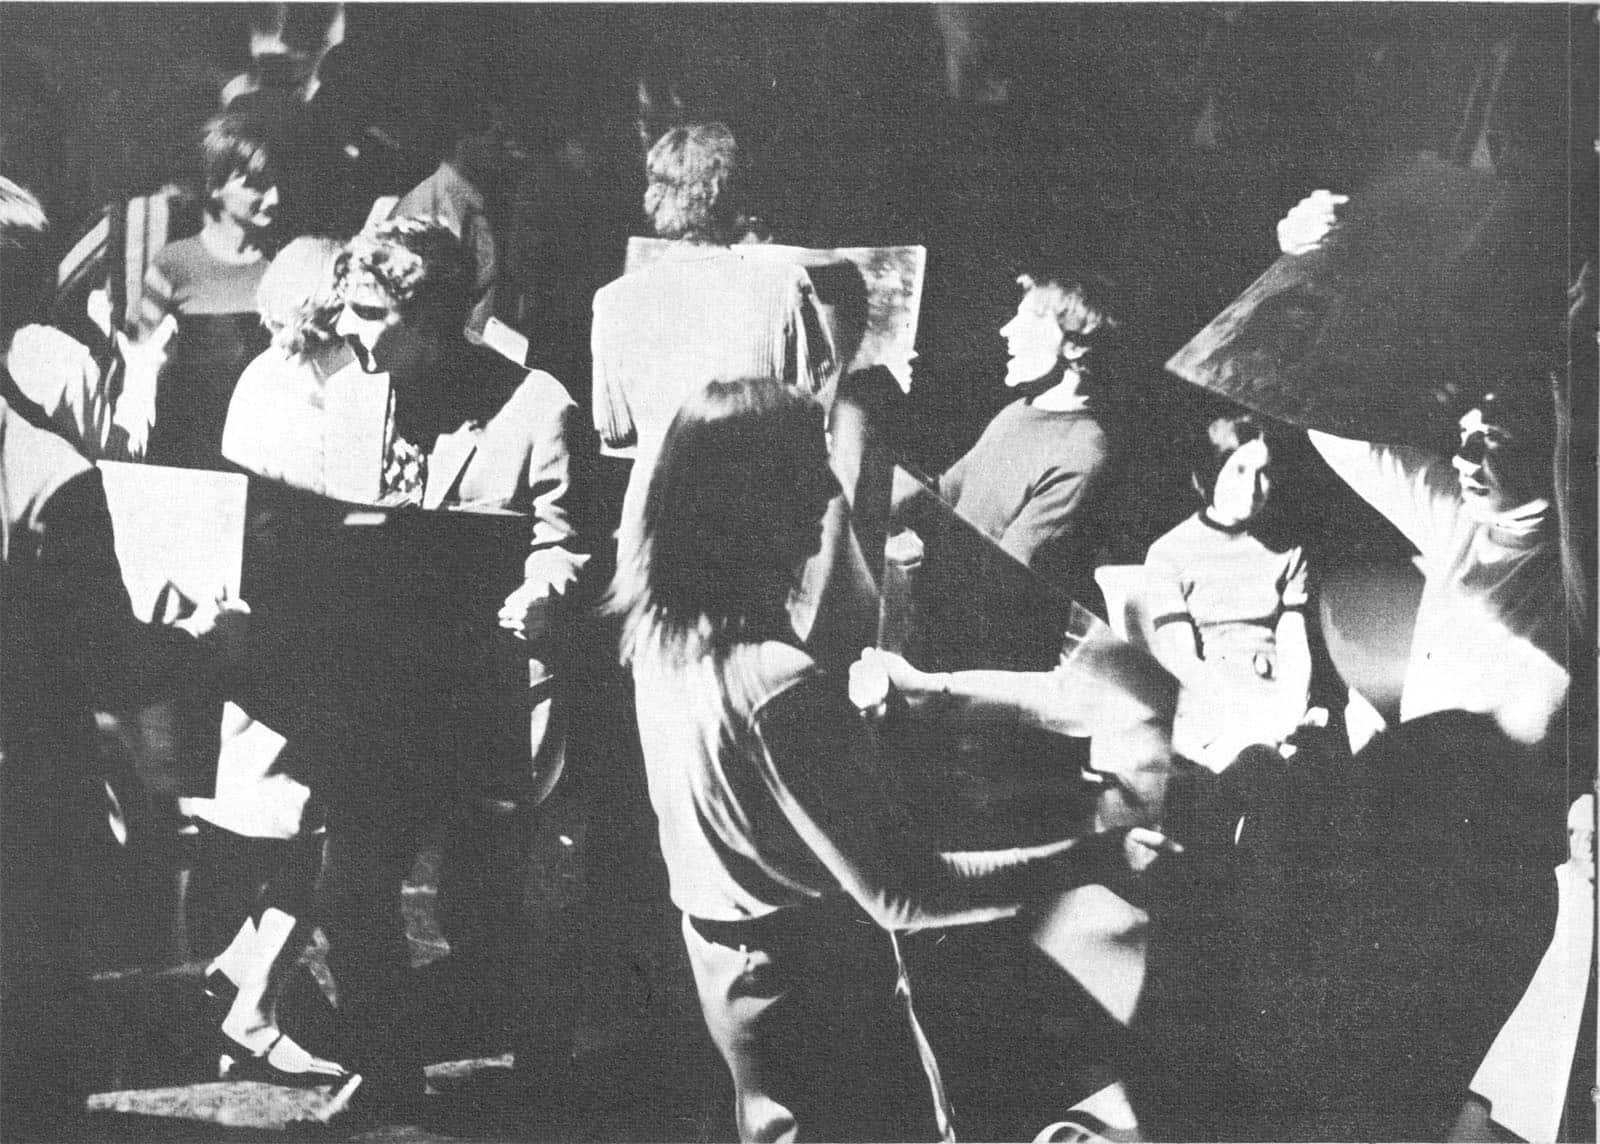 Lo zoo. Michelangelo Pistoletto. 1969. Pubblicate in Germano Celant, «Arte povera», mazzotta editore, 1969.